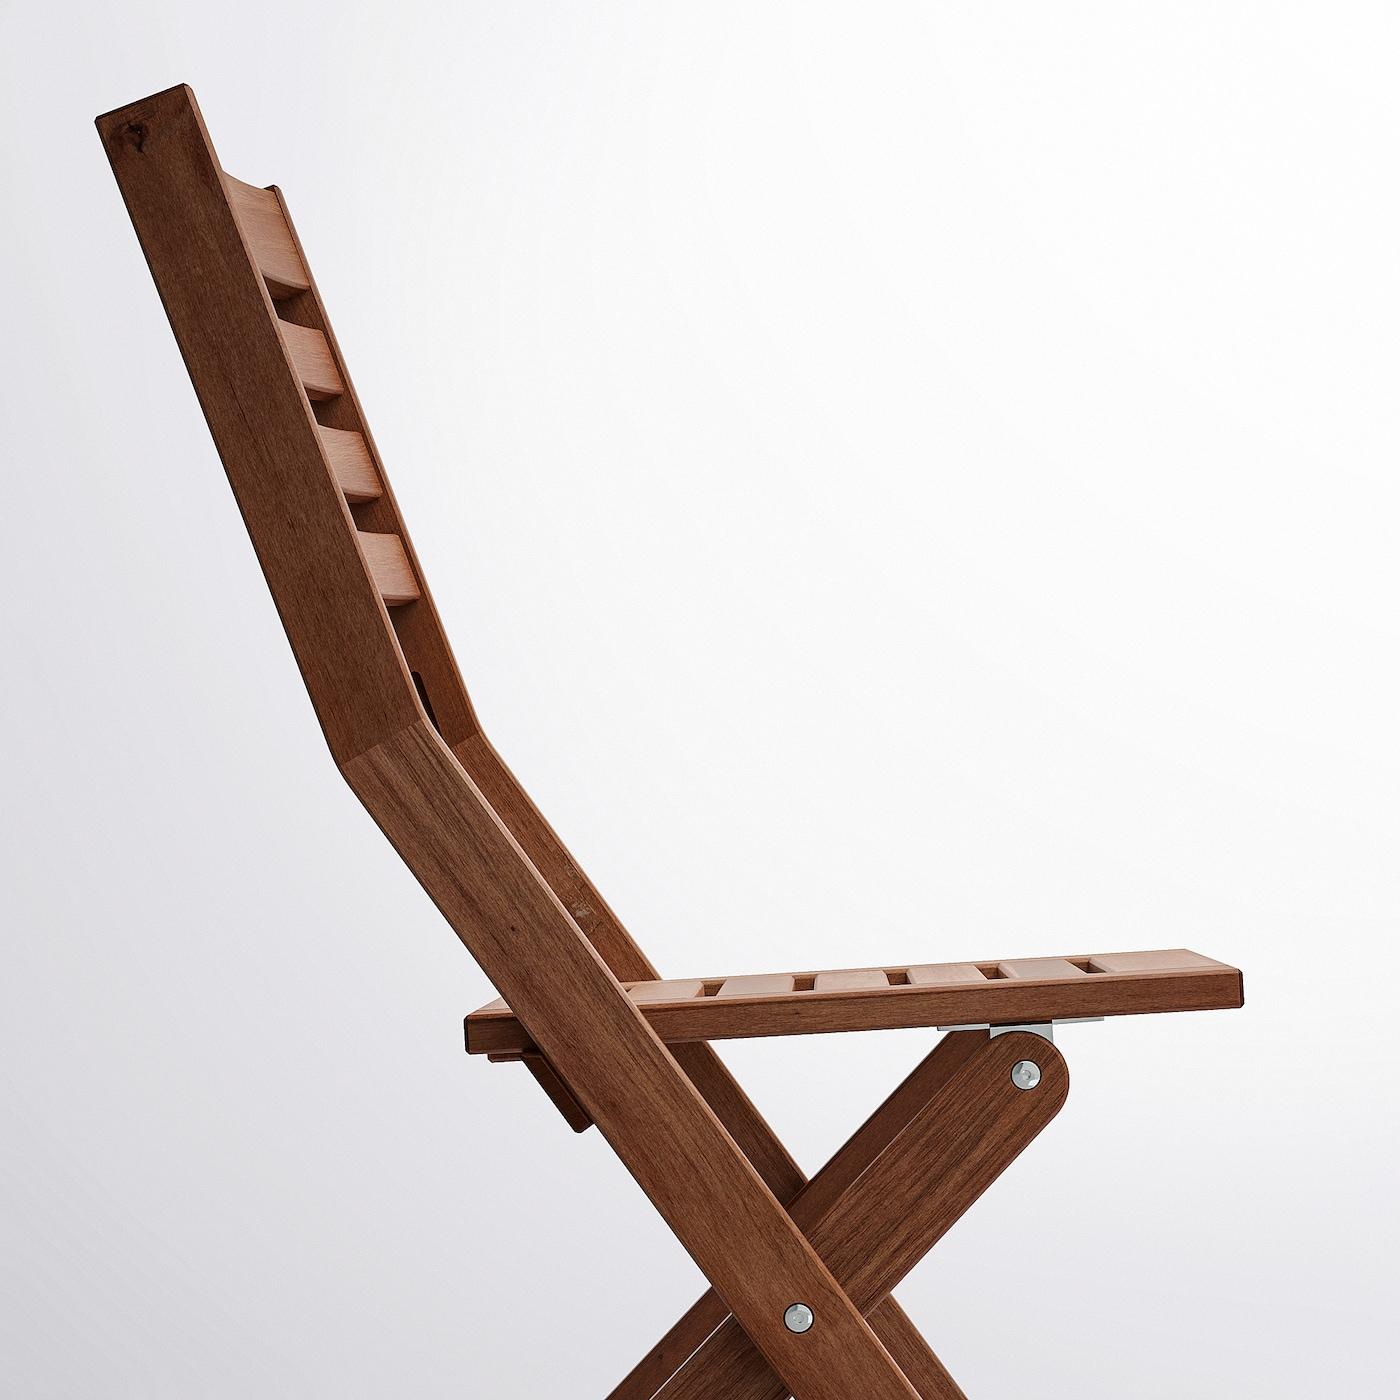 IKEA Hocker//außen,faltba,für außen; braun; klappbar; massiver Akazie Gartenstuhl